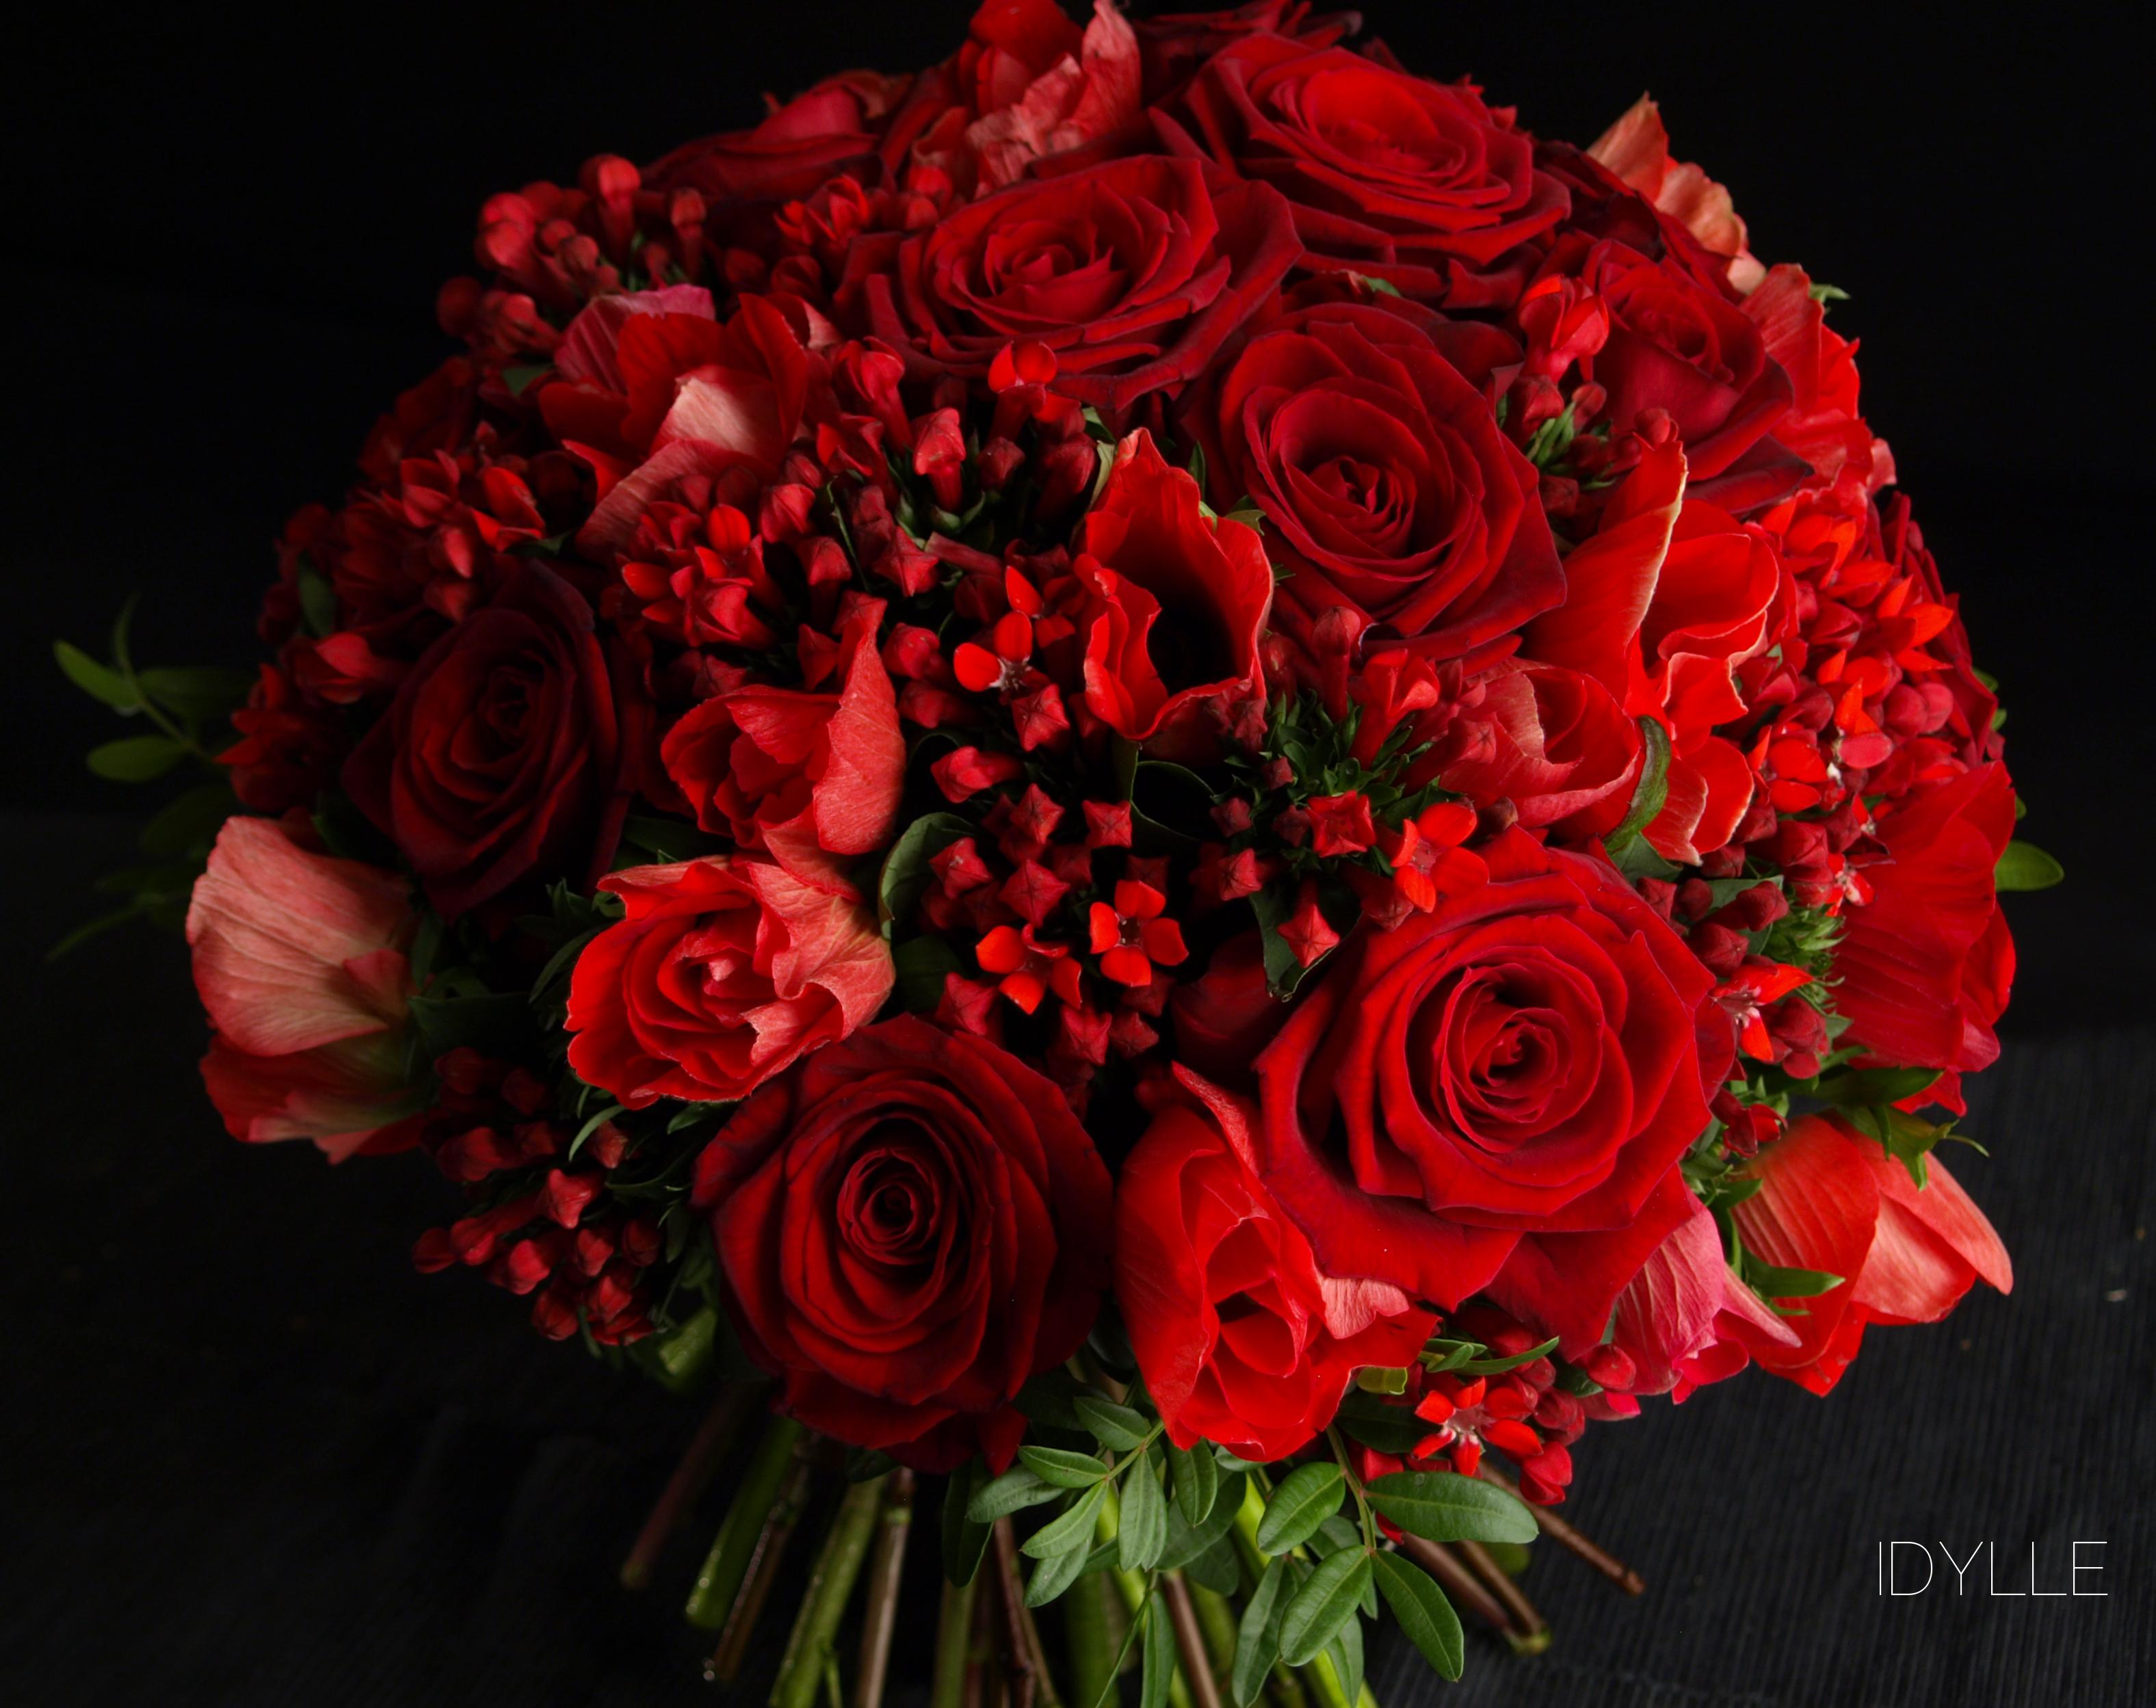 Rose rouge idylle fleuriste for Un bouquet de roses